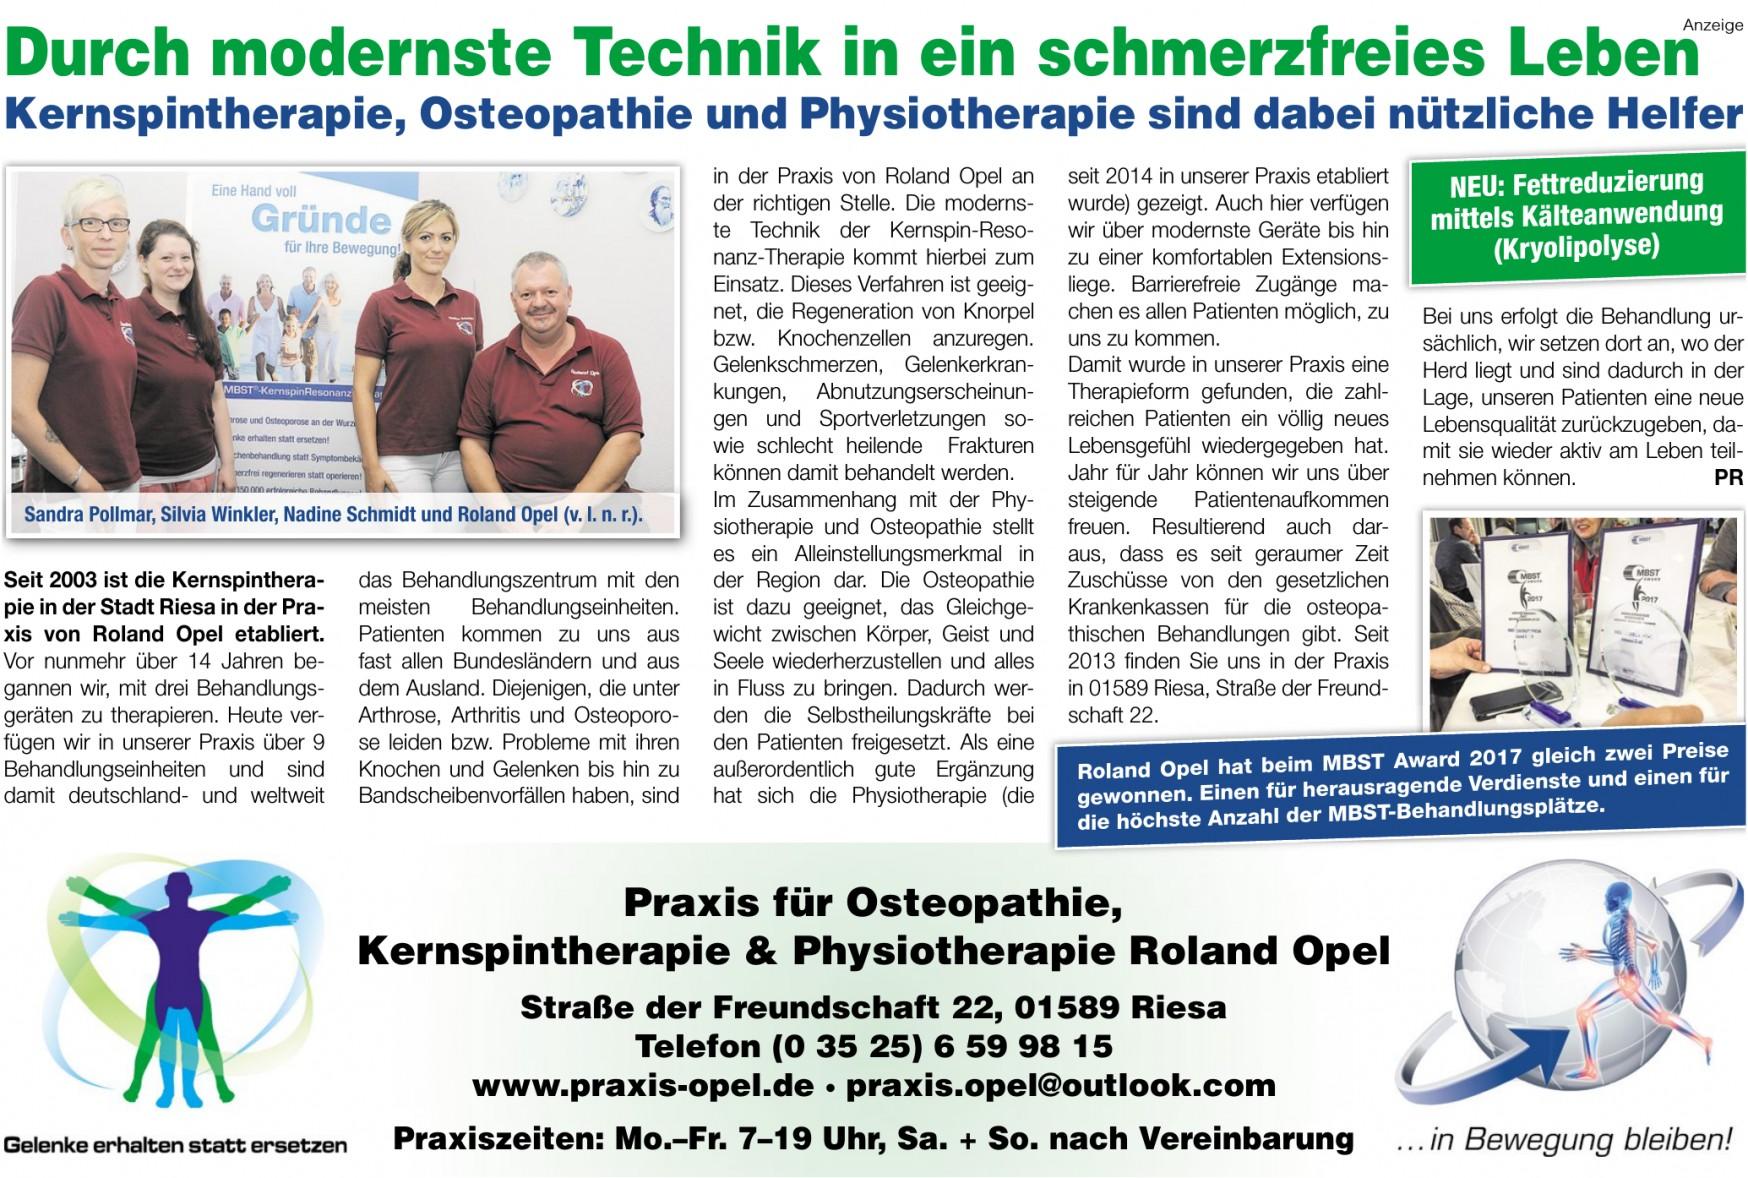 Praxis für Osteopathie, Kernspintherapie & Physiotherapie Roland Opel